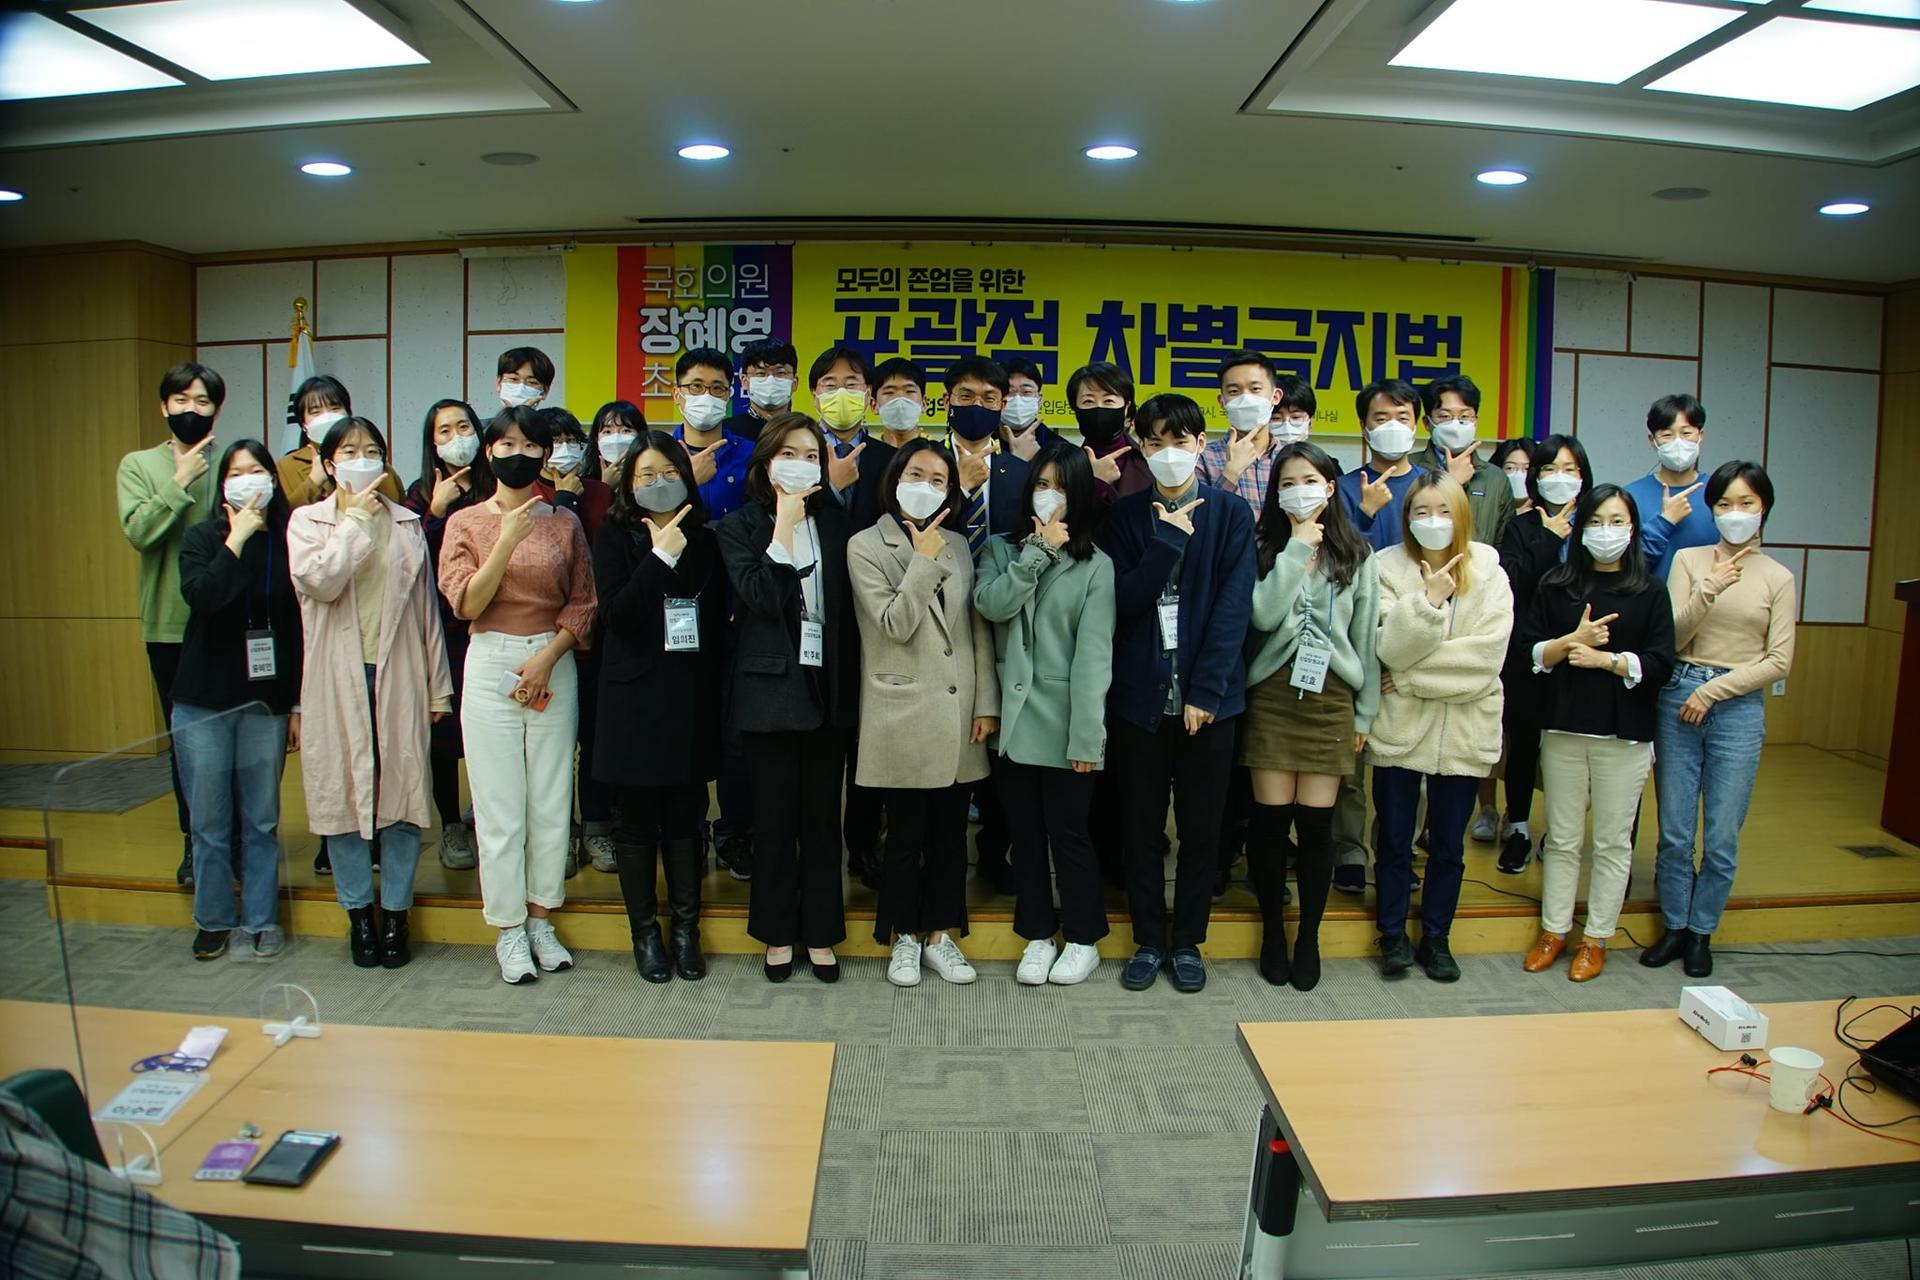 내가이제쓰지않는말들 - 차별금지법에 관한 몇 가지 질문이라는 주제로 진행된 서울시당 신입당원 환영회에 참석한 당원들의 기념 사진